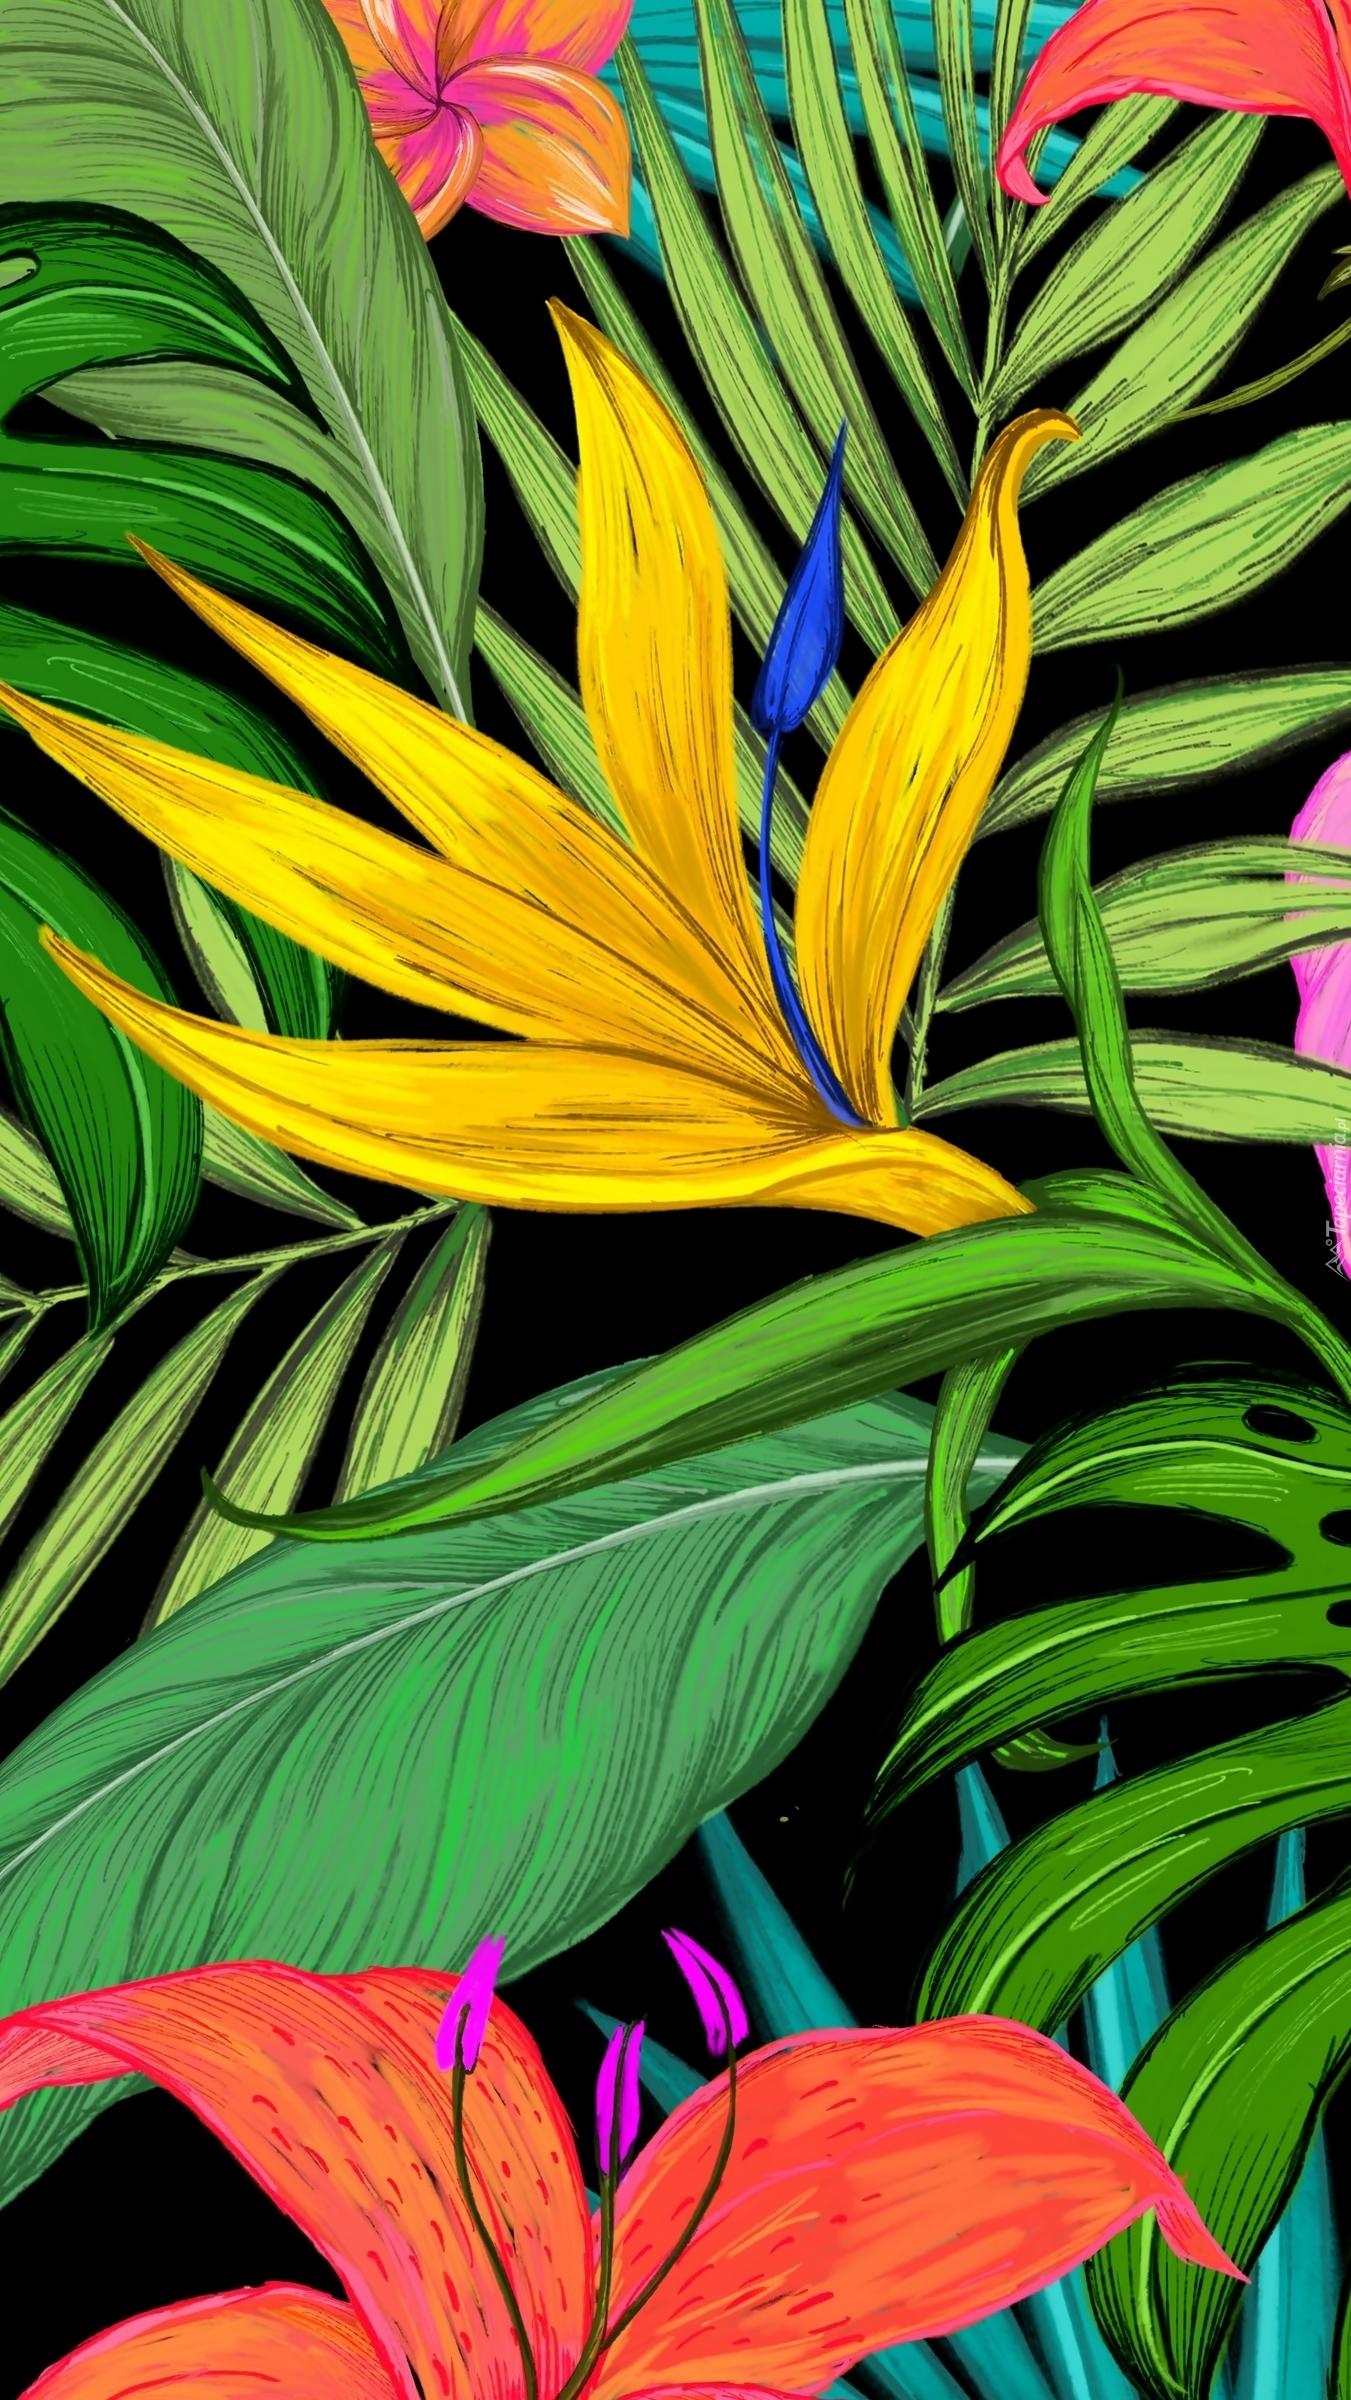 Kwiaty na liściach w grafice